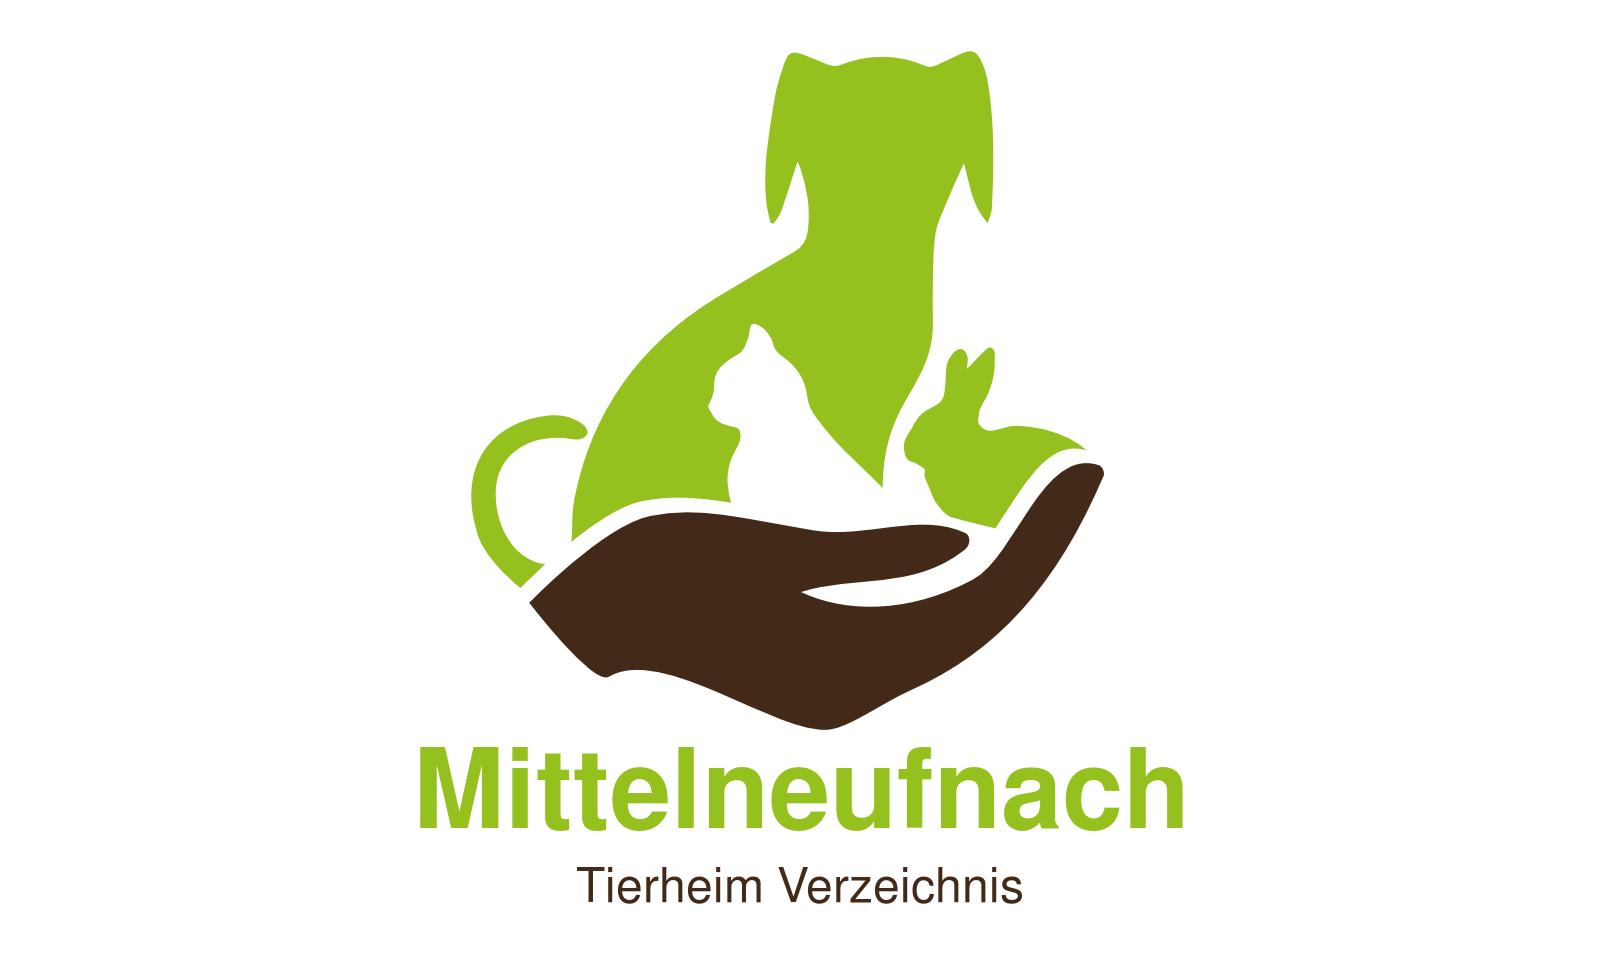 Tierheim Mittelneufnach